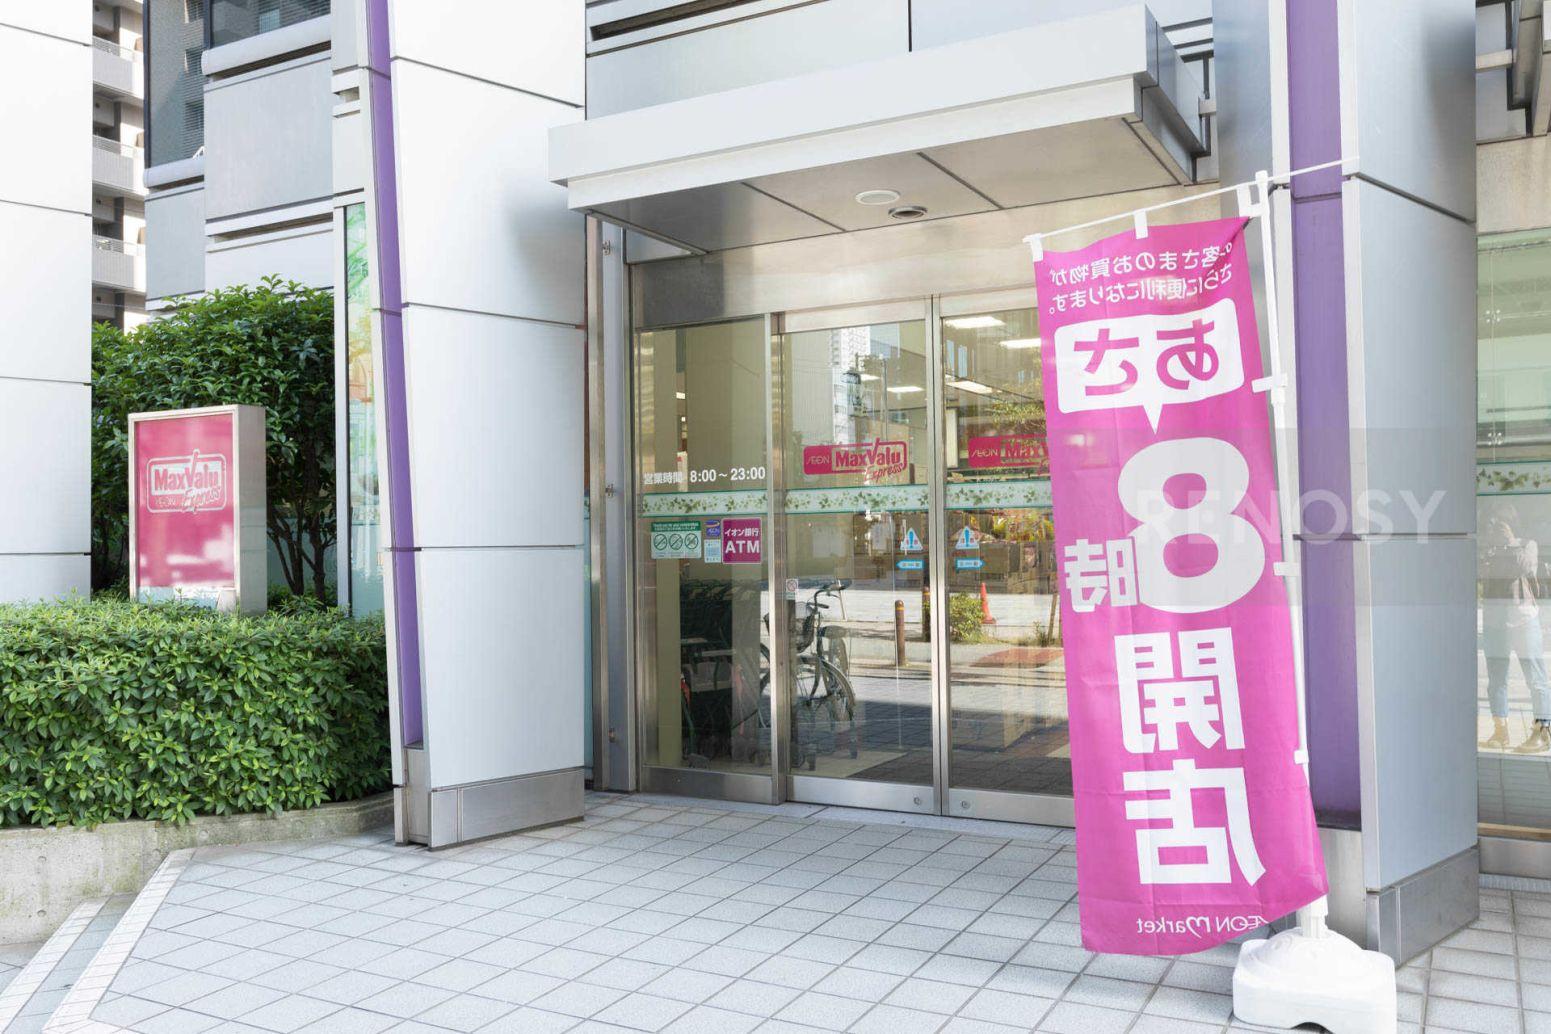 ザパークハウス大阪福島